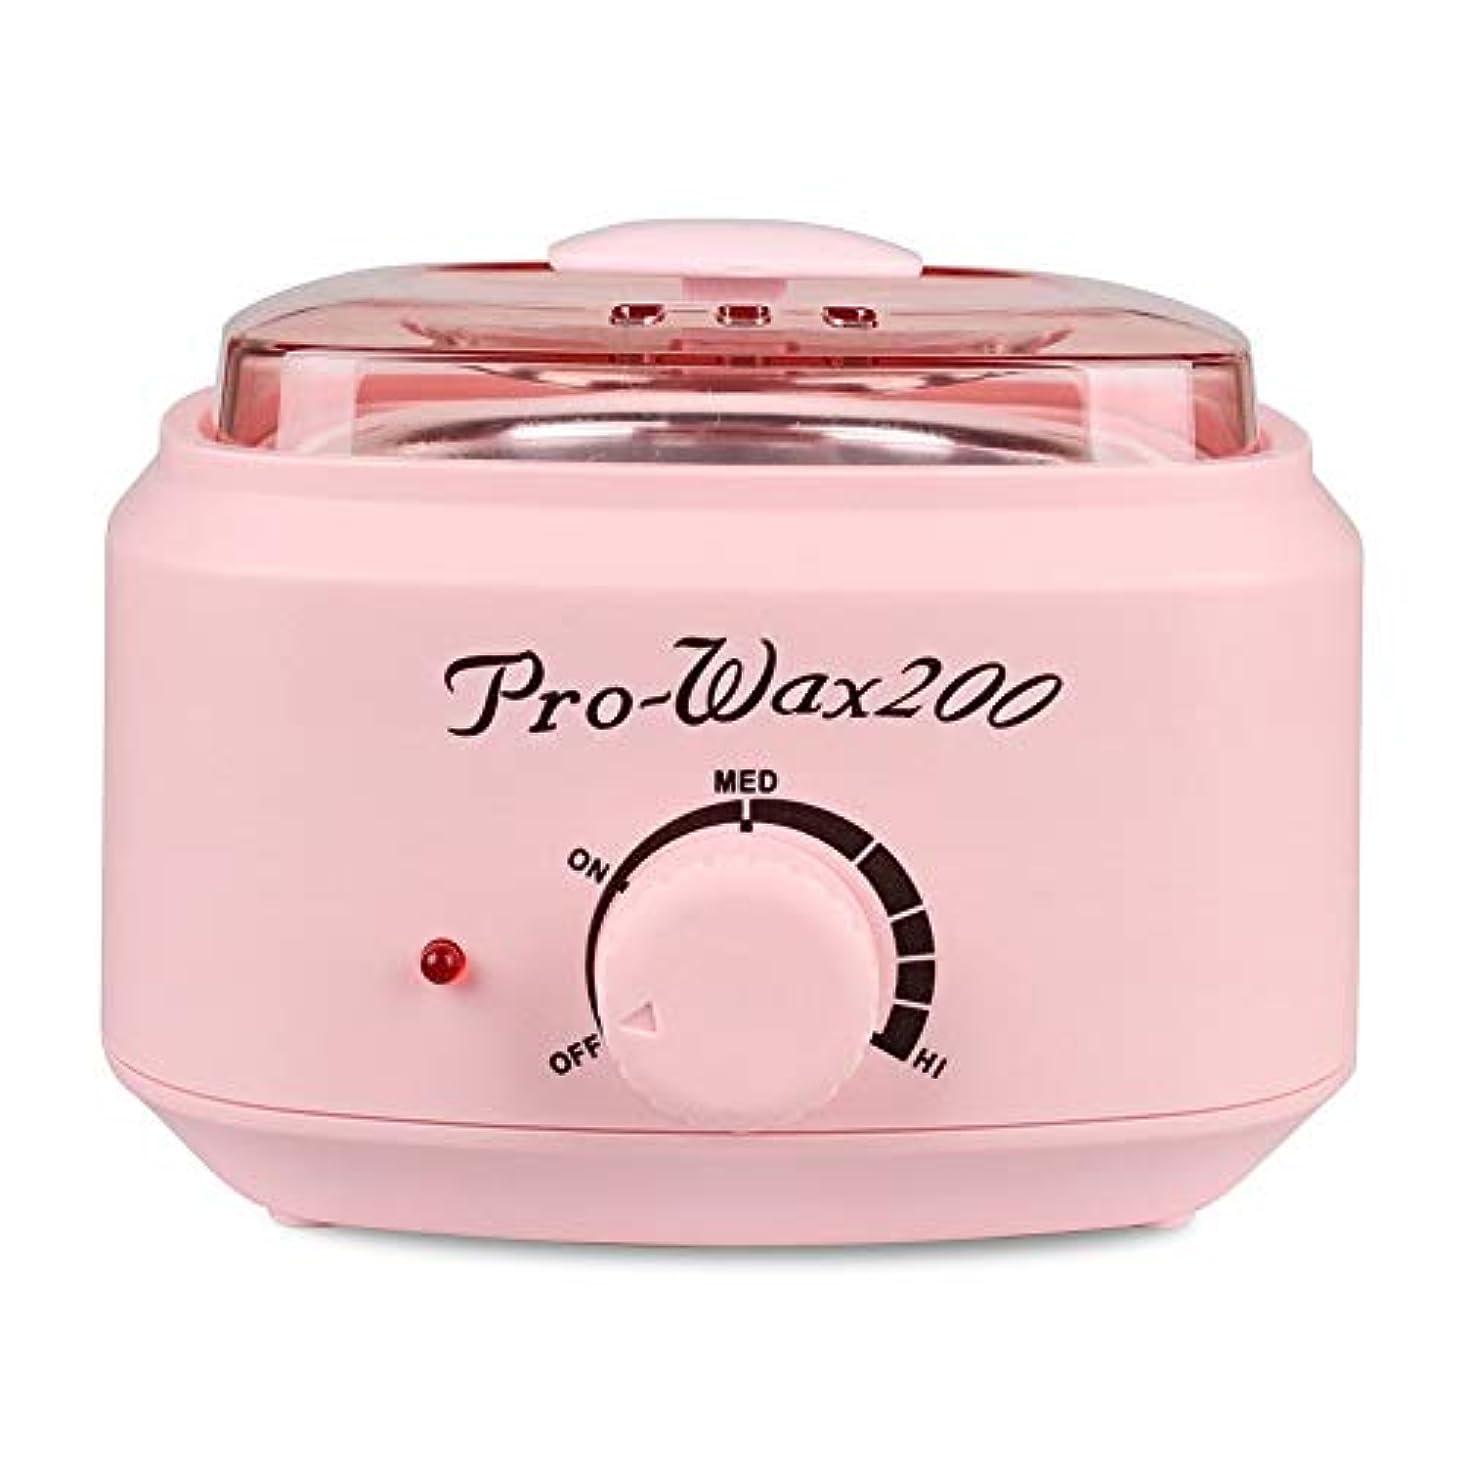 エスカレート混雑鉛プロの電気ワックスウォーマーとヒーター、速くて痛みのない脱毛、楽器多機能溶融ワックスマシンホームワックス女性/男性用500CC (Color : Pink)